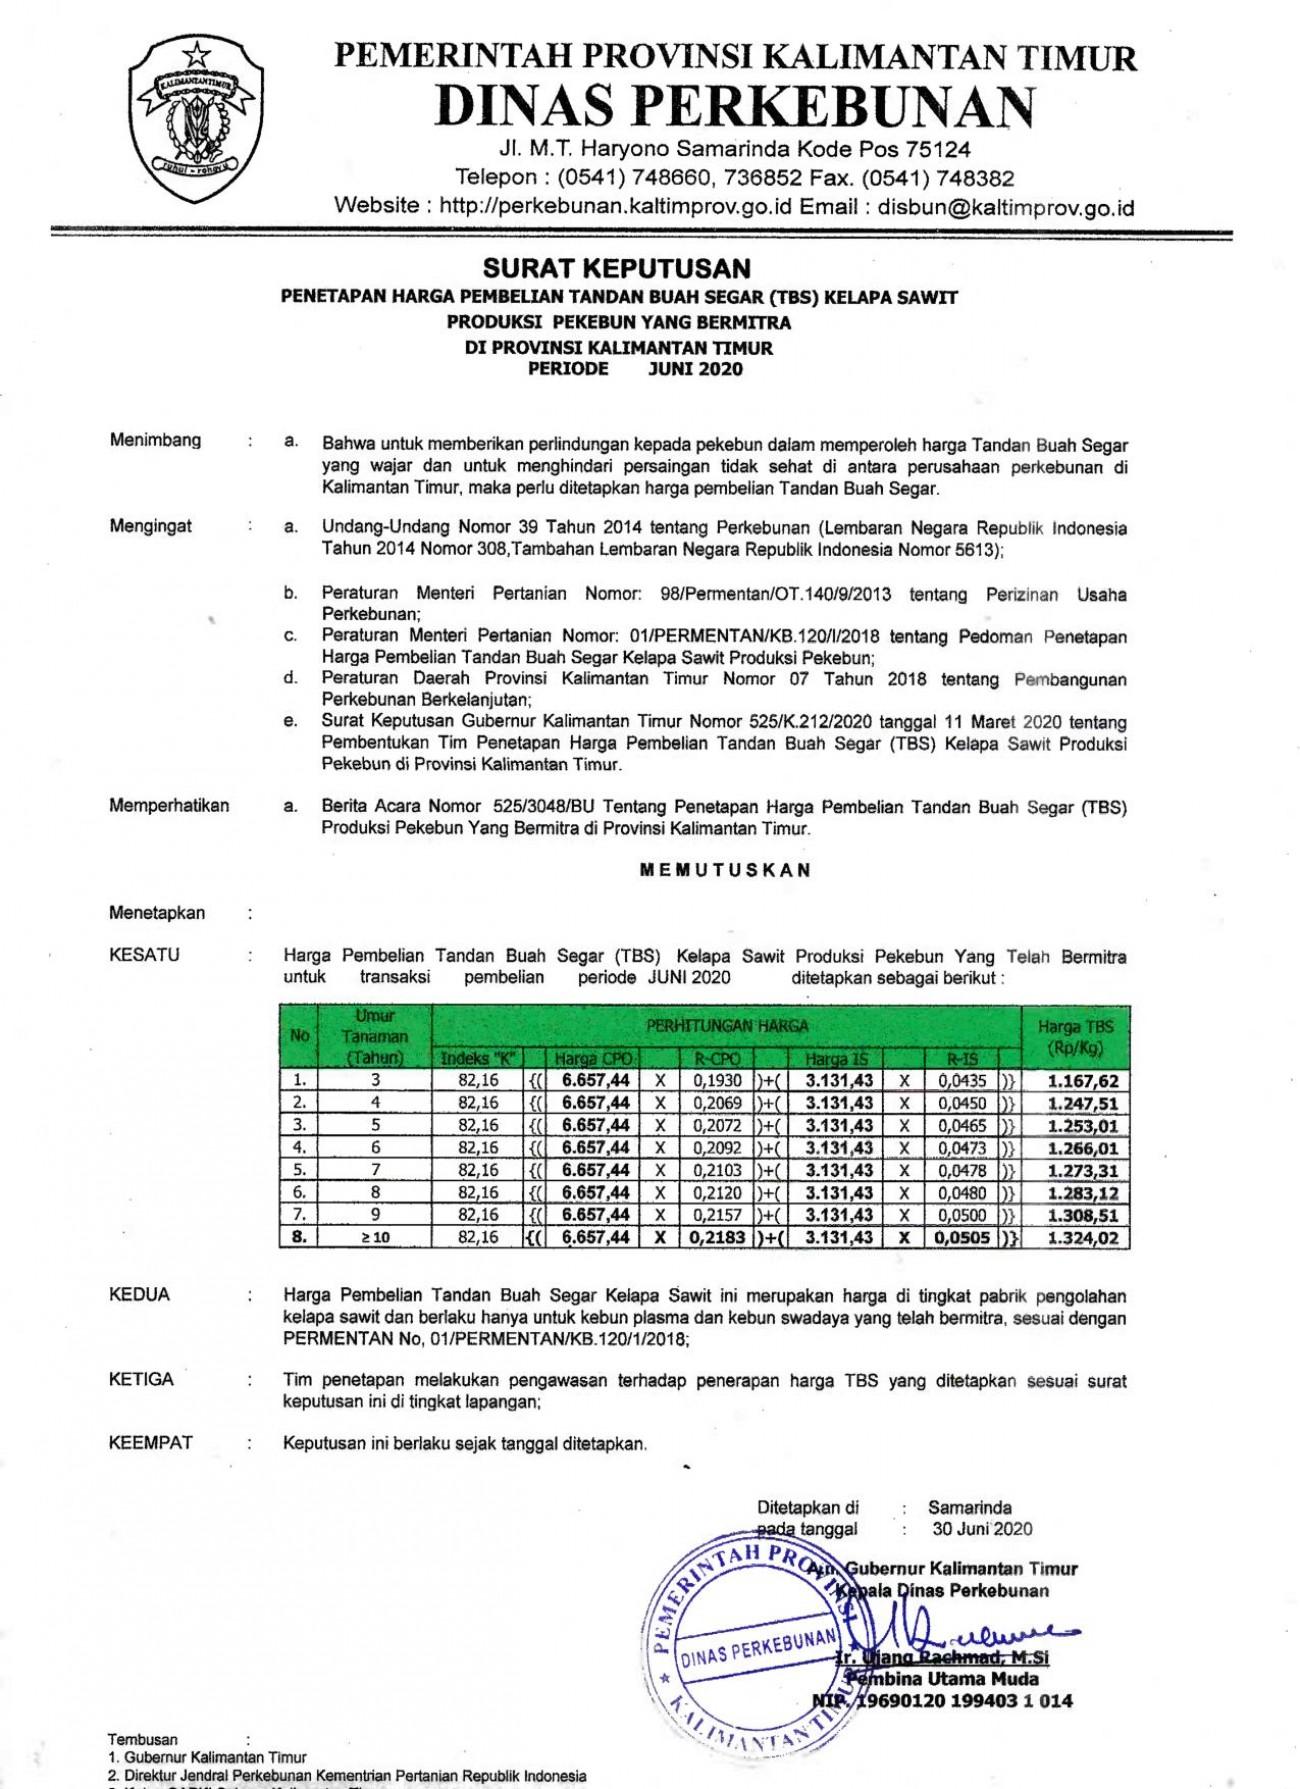 Informasi Harga TBS Kelapa Sawit Bagi Pekebun Bermitra Bulan Juni 2020